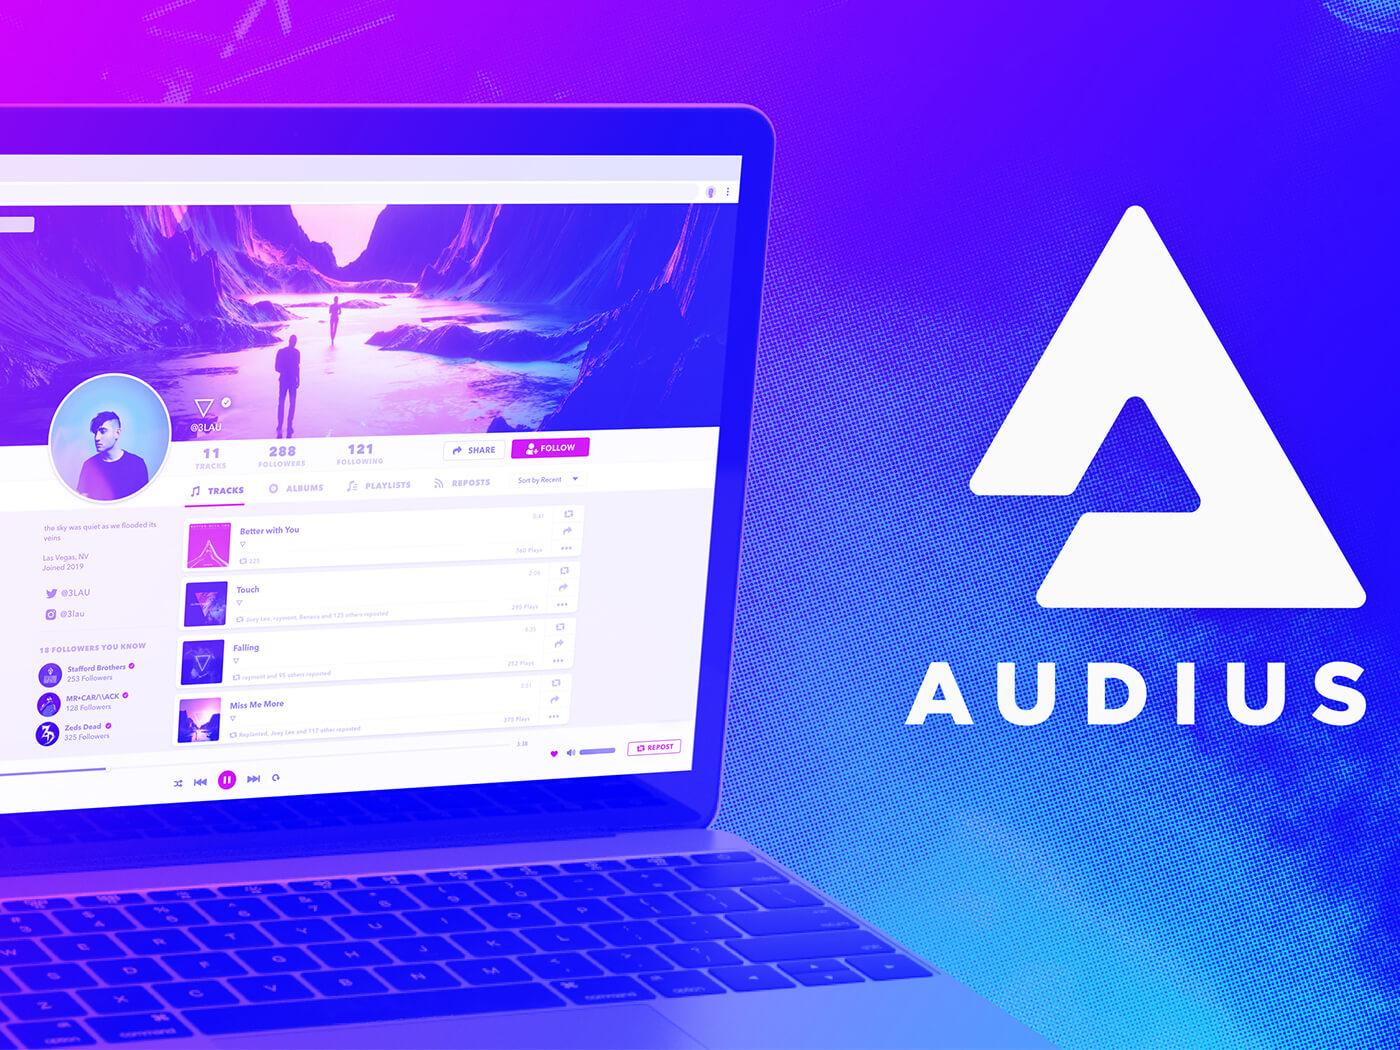 Audius promo banner 1400x1050